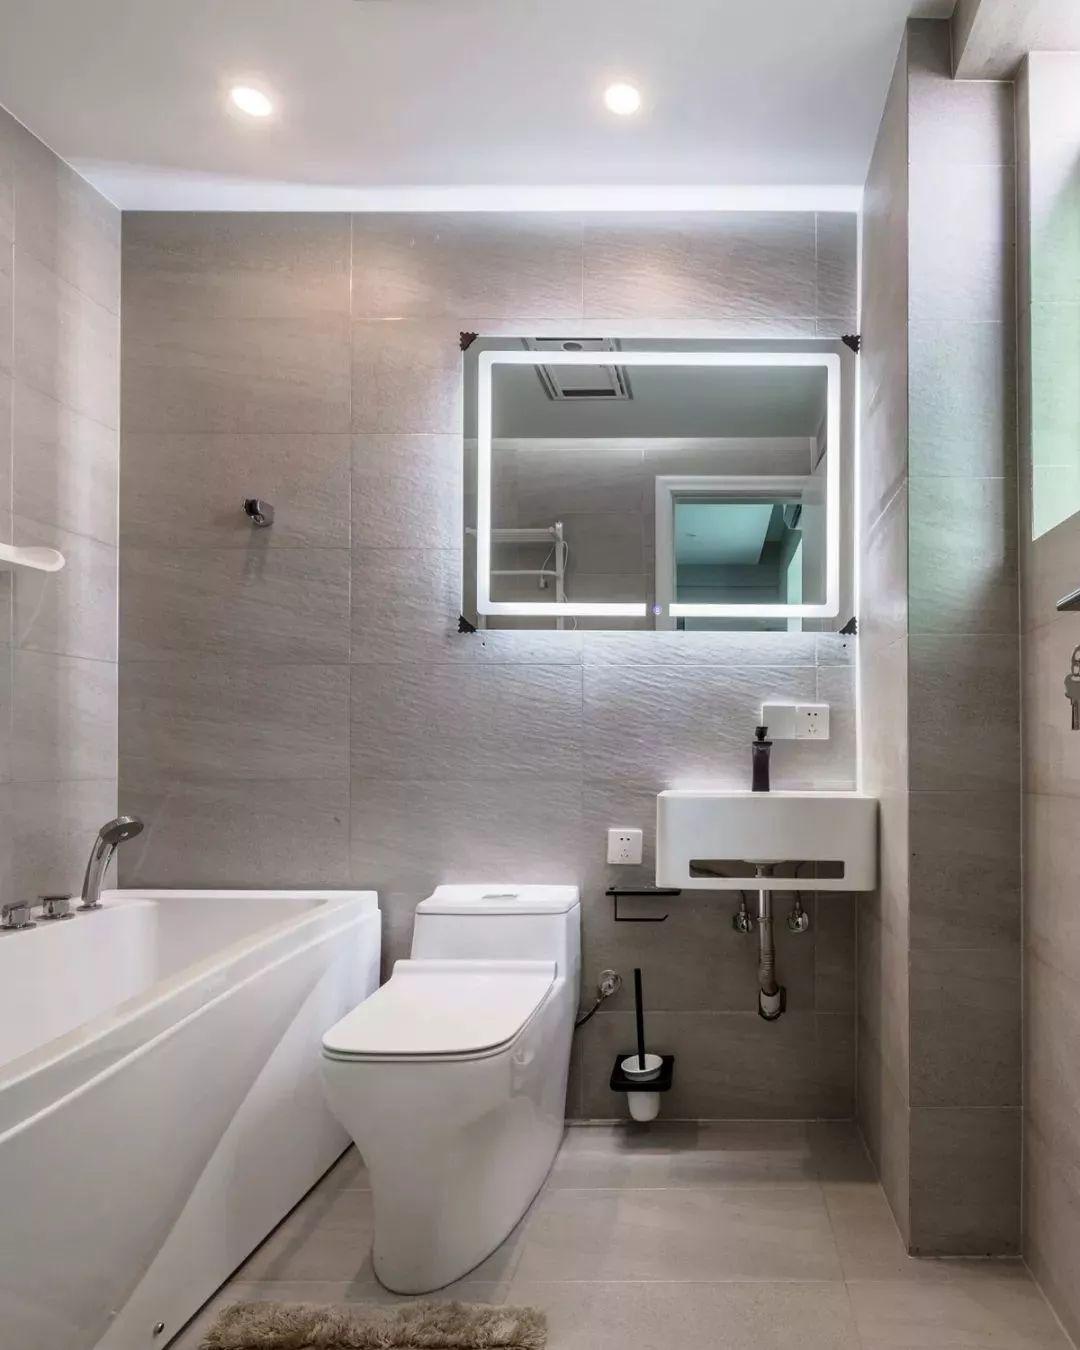 主卫空间虽然很小,但为了满足男主的爱好,特此设计一个小浴缸。